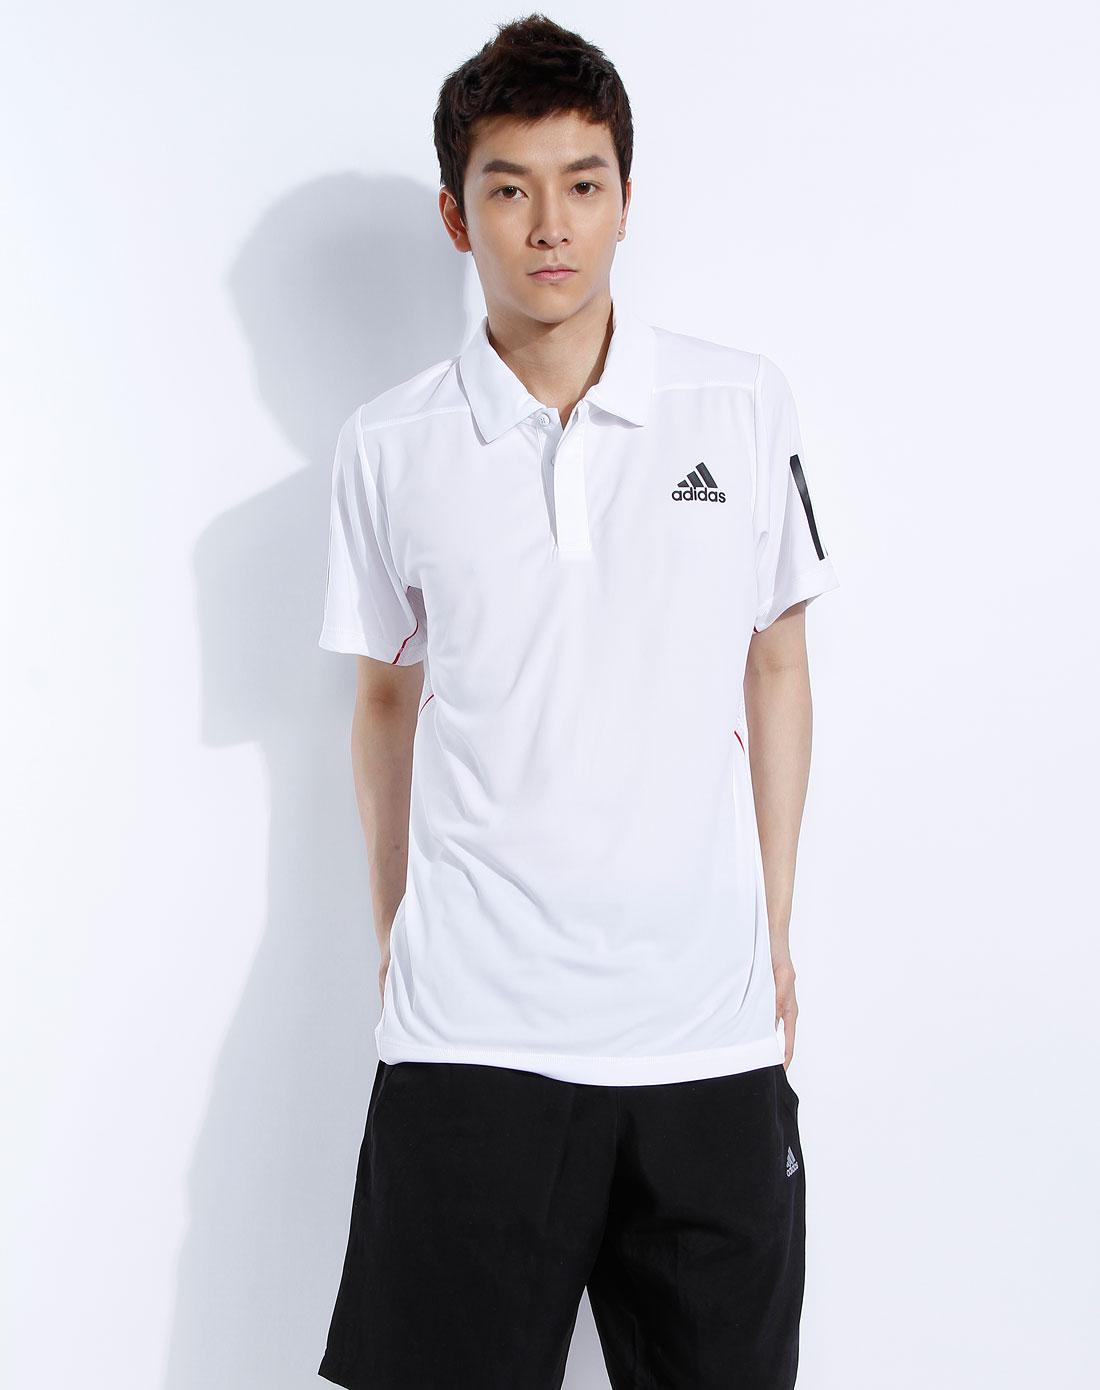 阿迪达斯adidas男装专场-男款白色反领短袖t恤